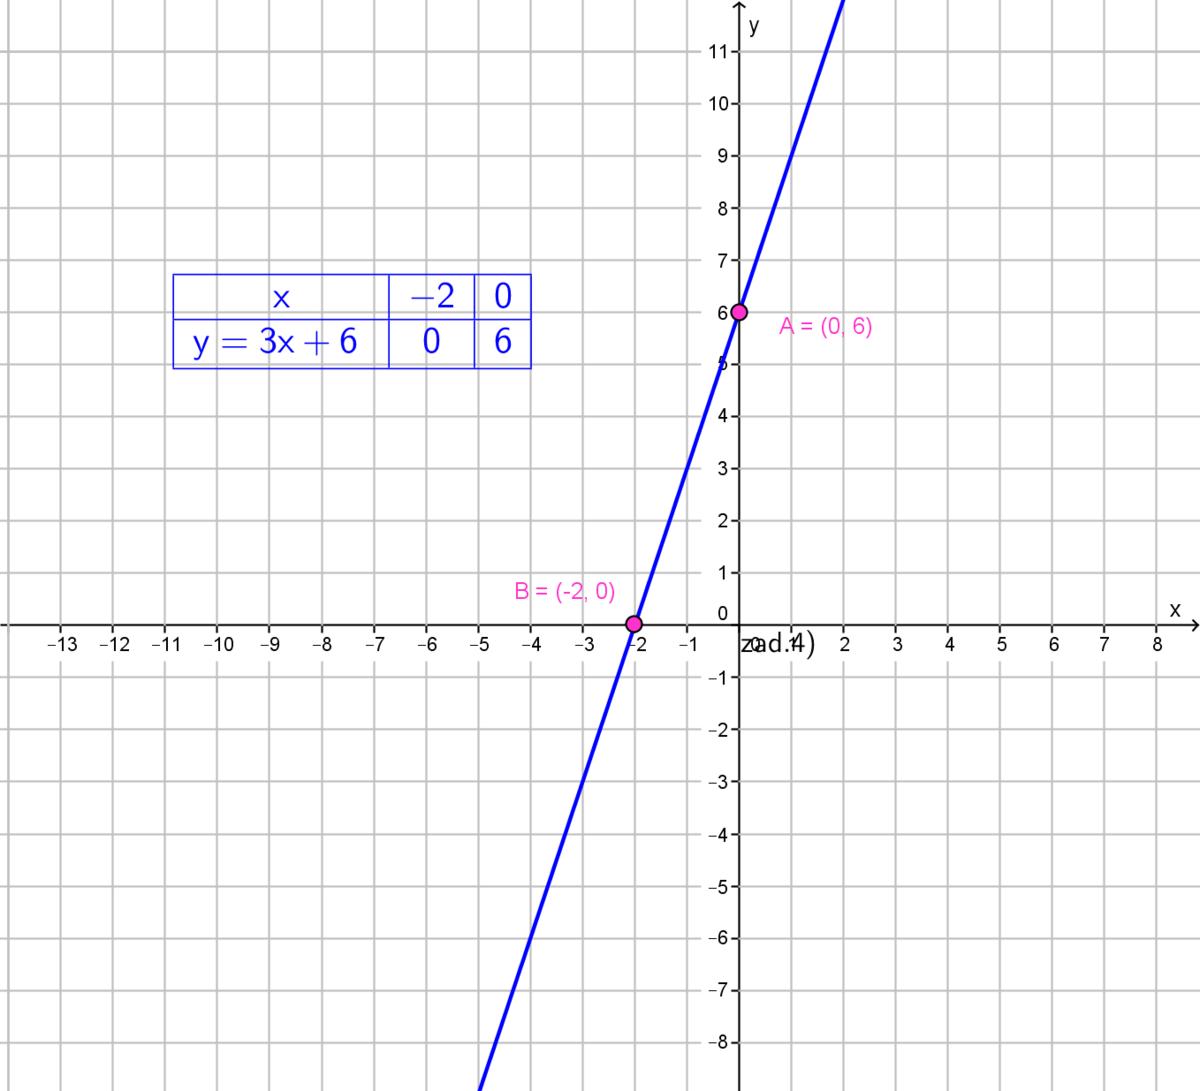 \( y=3x+6\\\\for\ x=0\to y=3\cdot0+6=6\to A(0;\ 6)\\\\for\ x=-2\to y=3\cdot(-2)+6=-6+6=0\to B(-2;\ 0) \) \( y=3x+6 \\ \\x=0 \\ \\y=3*0+6\\ \\y=6 \\ \\A(0,6) \)